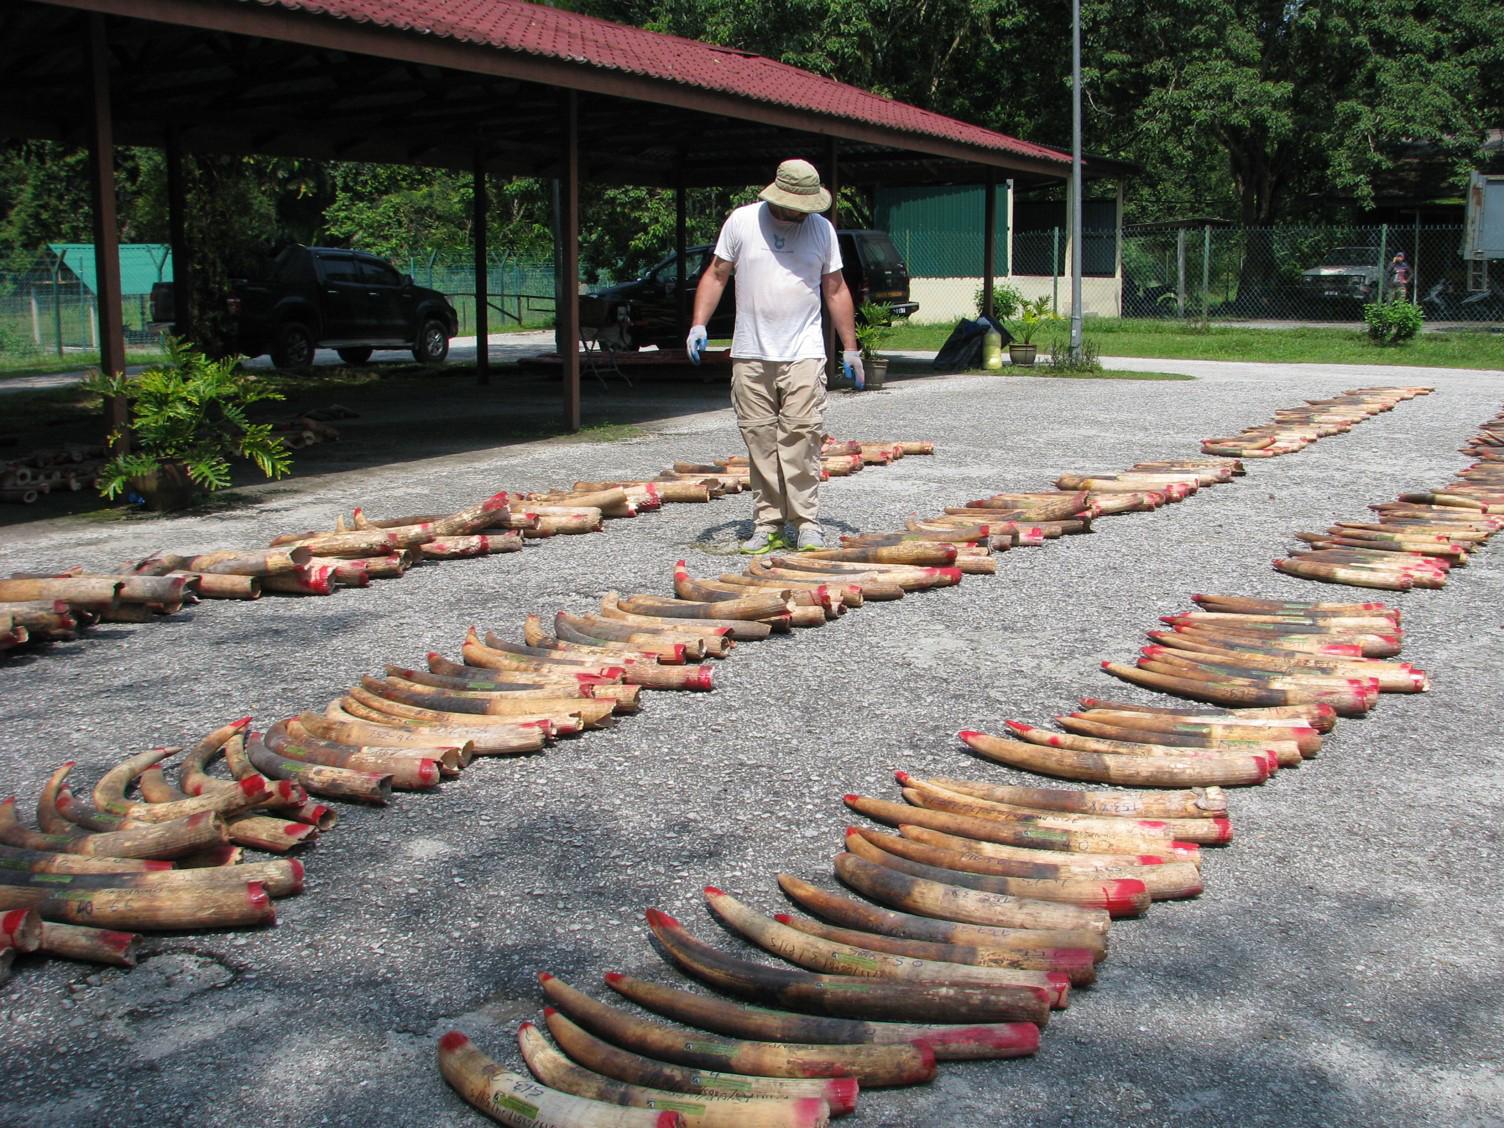 ДНК-криминалистика помогает властям ловить картели контрабандистов слоновой кости